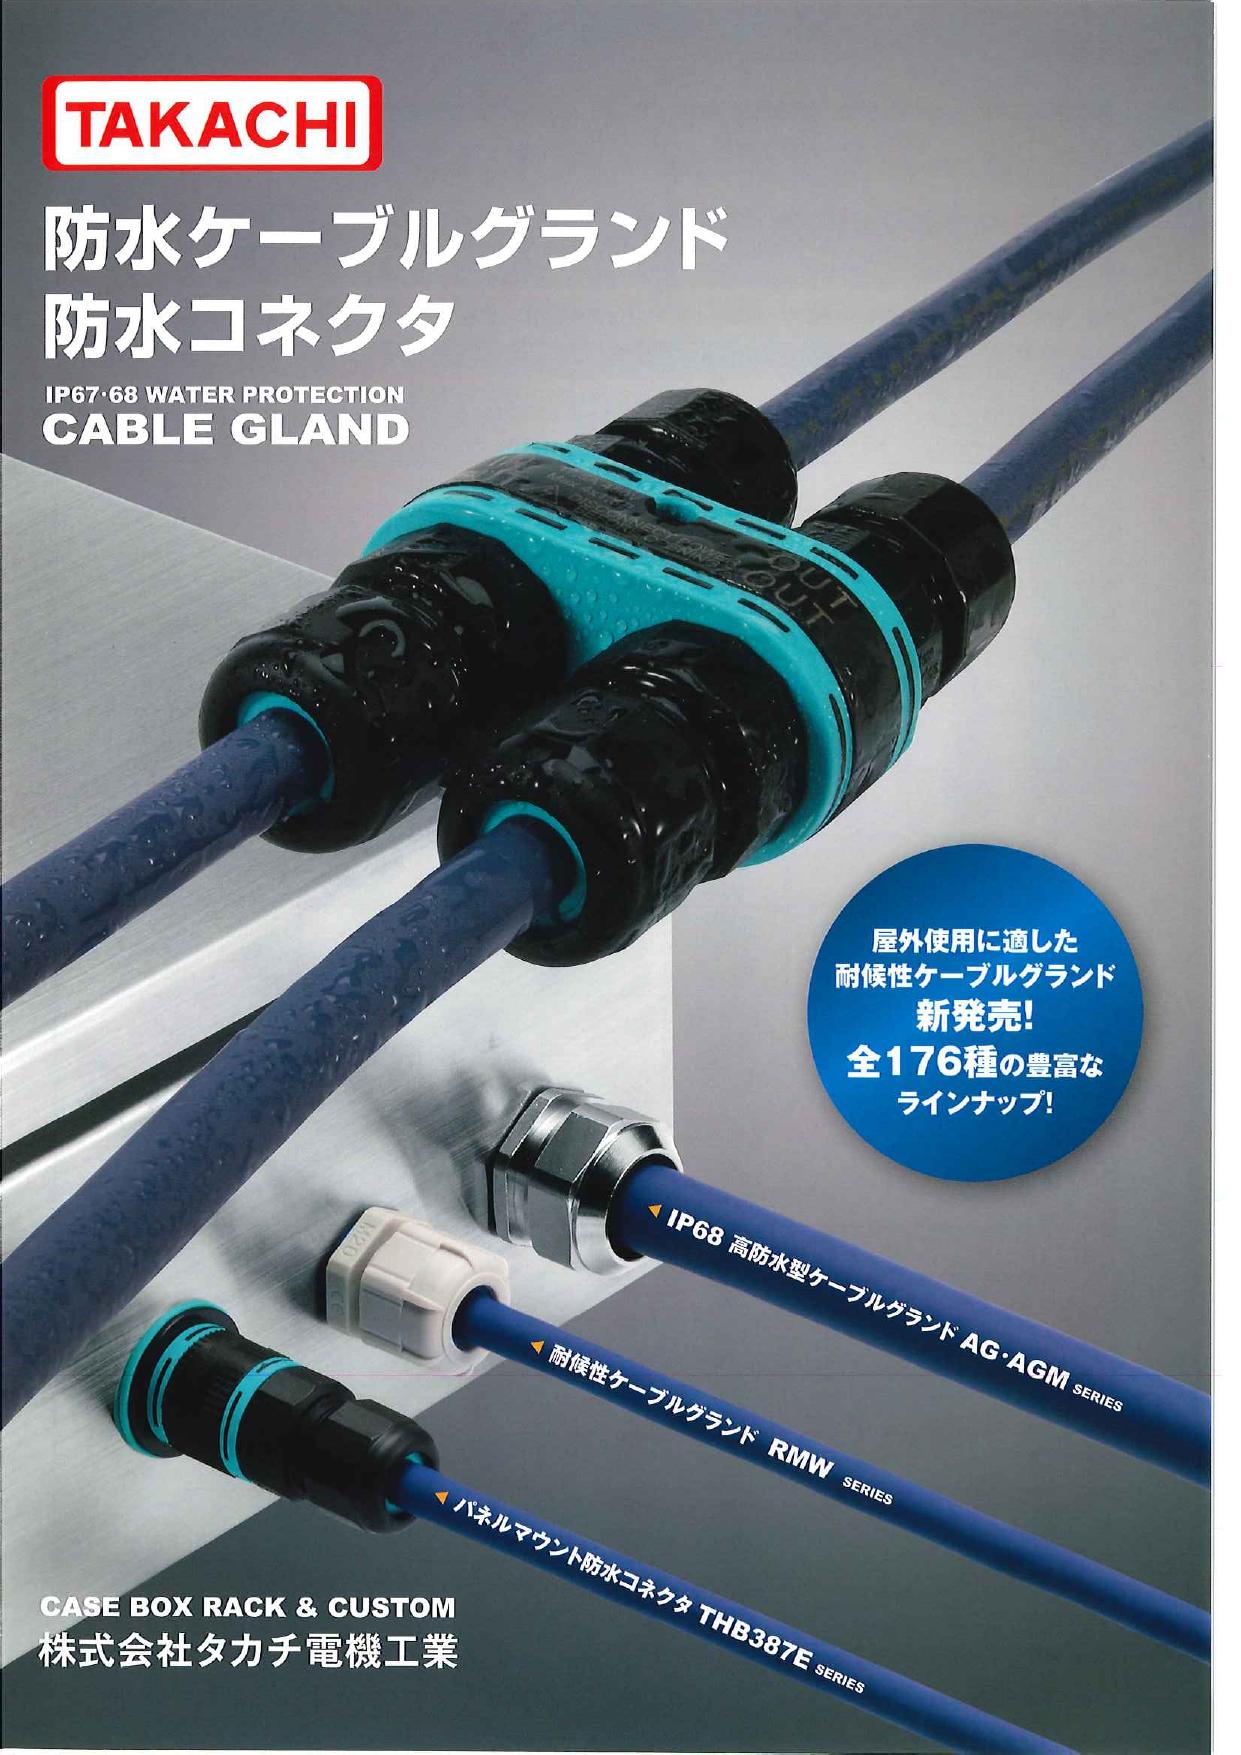 防水ケーブルグランド・防水ケーブルコネクタ 総合カタログ